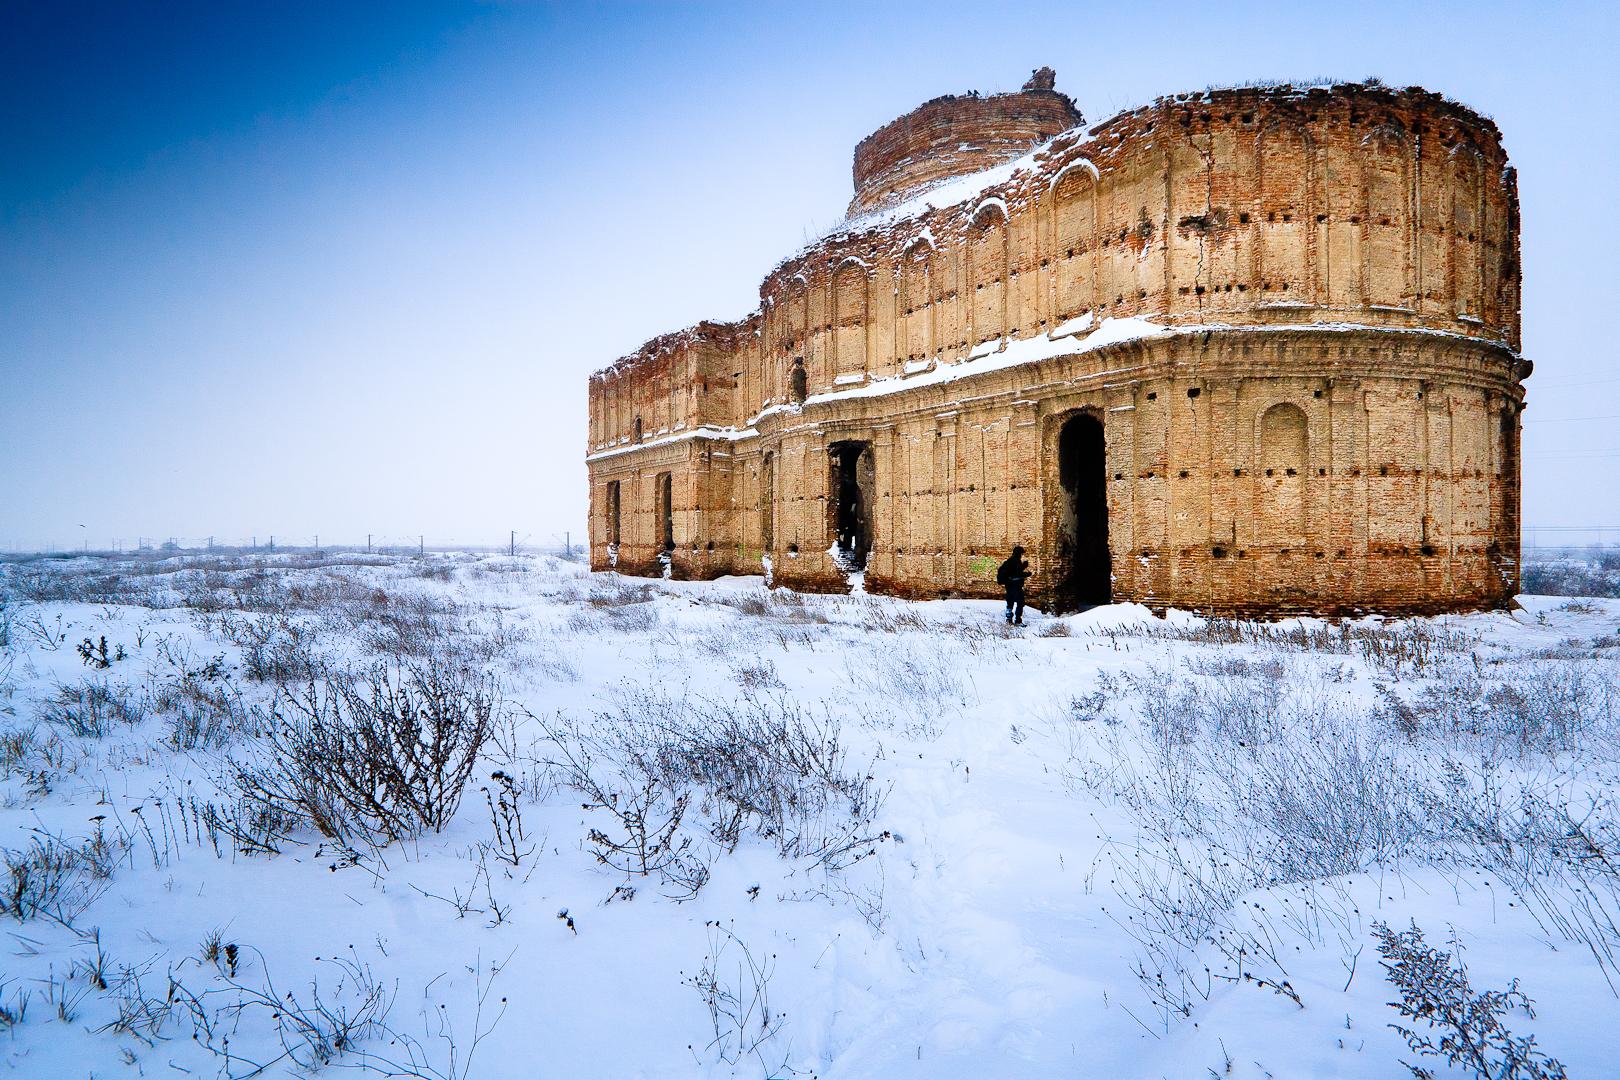 La photo gagnante du concours 2012, monastère de Chiajna, Roumanie - par Mihai Petre (CC-BY-SA)